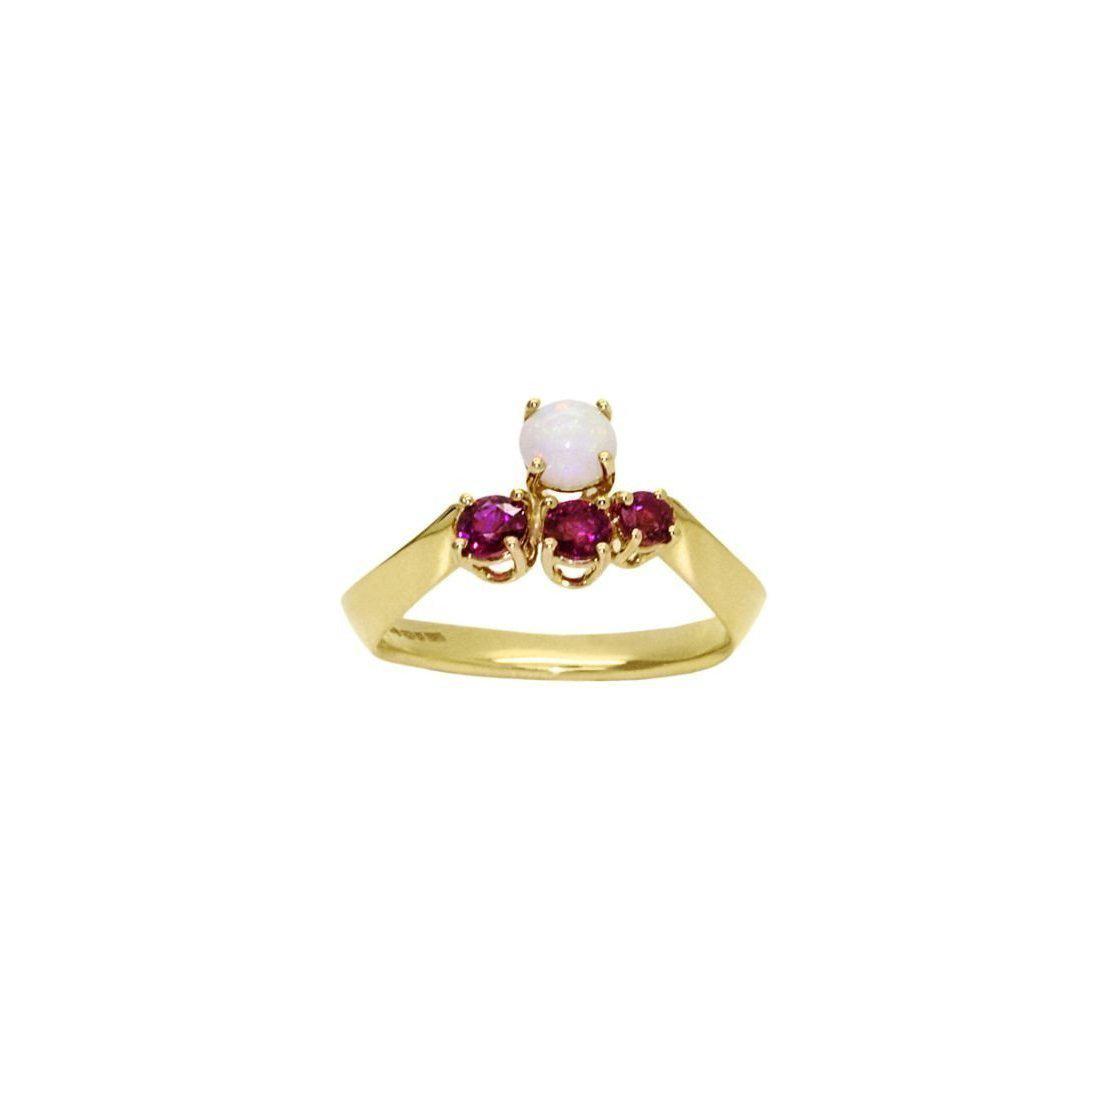 Daou Jewellery 18kt Gold & Gemstone Golden Light Ring - UK O - US 7 - EU 55 1/4 8jMJl0Y